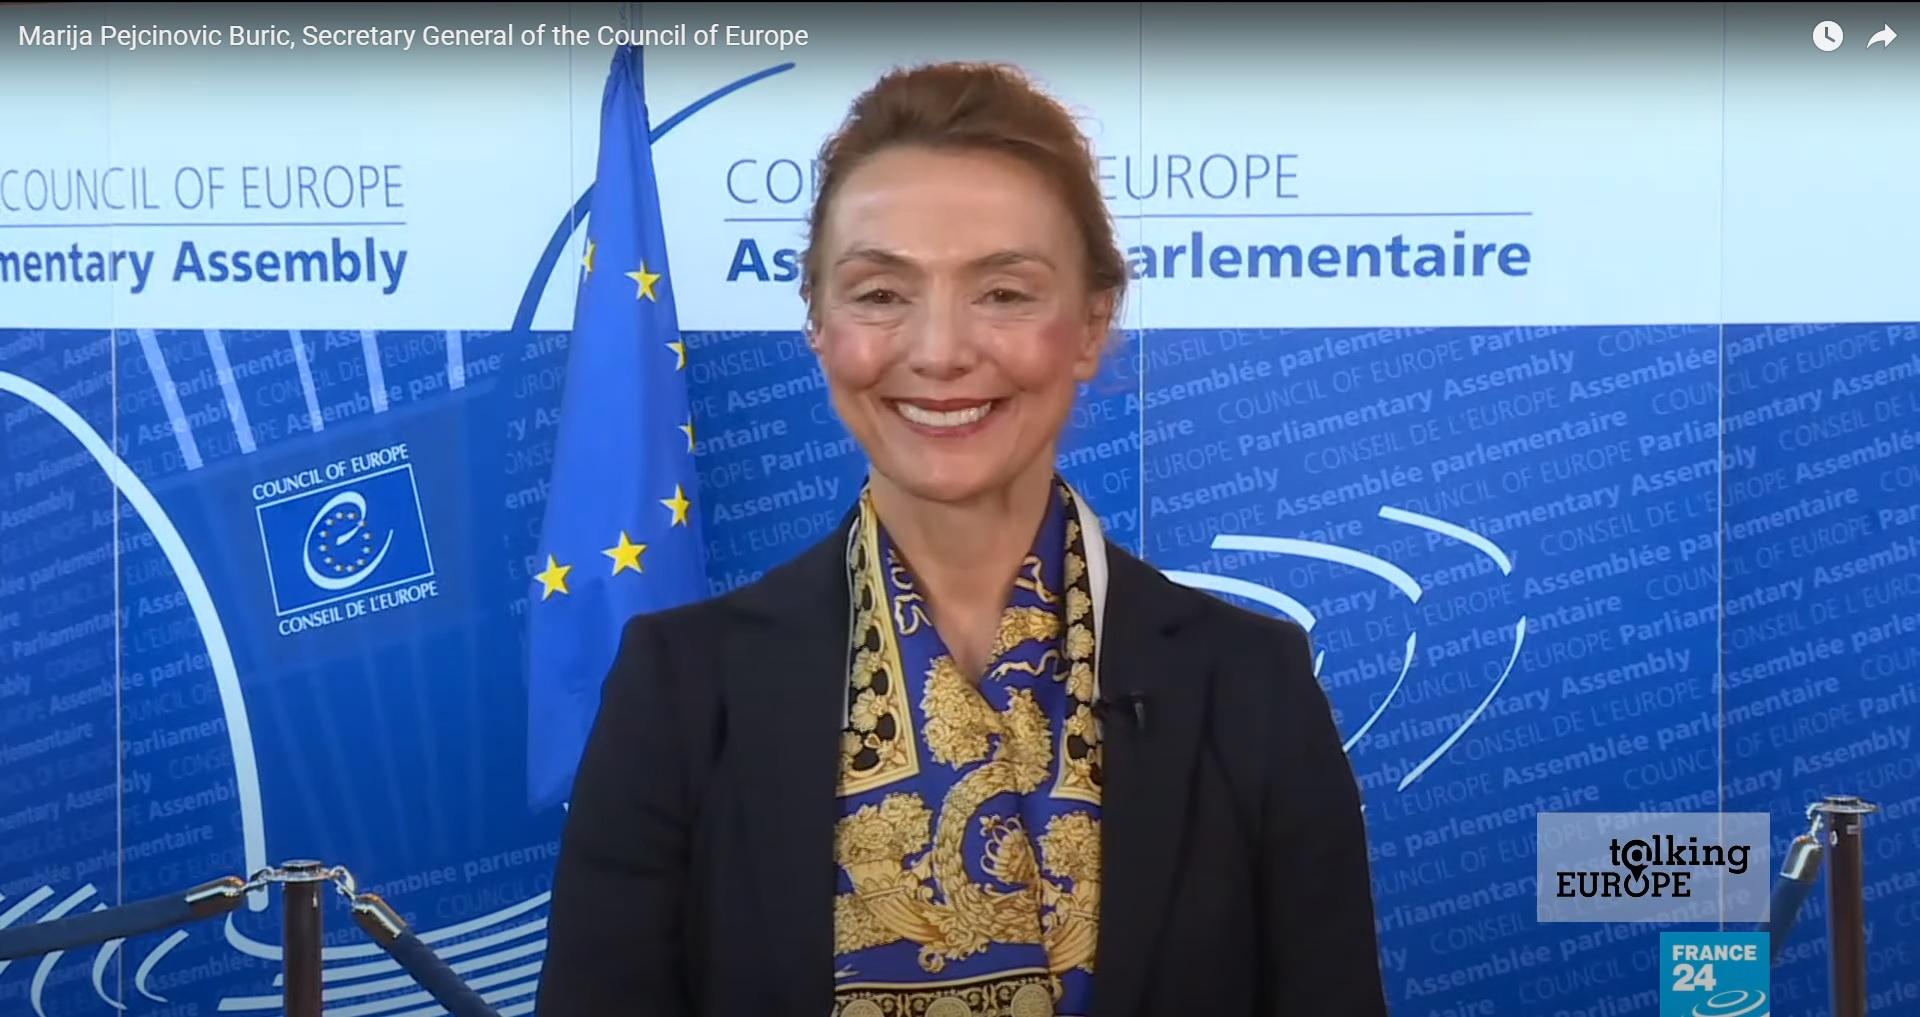 Marija Pejčinovic Buric